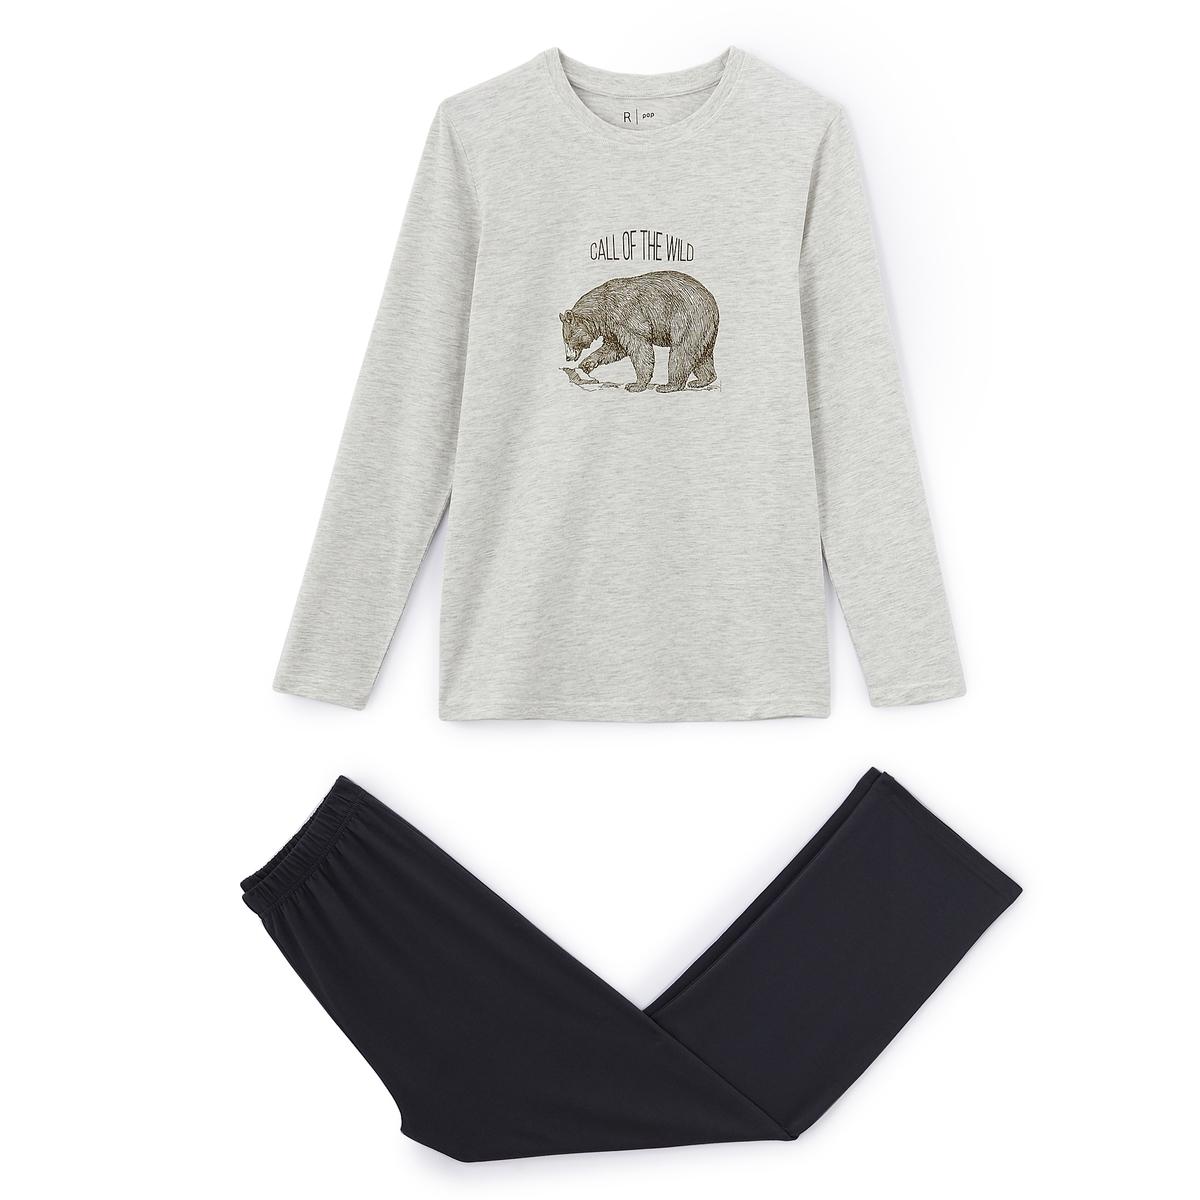 Пижама хлопковая с рисунком медведь, 10-16 летОписание:Невероятно комфортная хлопковая пижама с рисунком медведь спереди для сладких снов.Детали  •  Круглый вырез •  Однотонные брюки с эластичным поясомСостав и уход  •  Джерси из 100% хлопка (кроме футболки: преимущественно из хлопка) •  Машинная стирка при 30° на умеренном режиме с изделиями схожих цветов •  Гладить при средней температуре / не отбеливать •  Машинная сушка на умеренном режиме<br><br>Цвет: светло-серый меланж/антрацит<br>Размер: 10 лет - 138 см.14 лет - 162 см